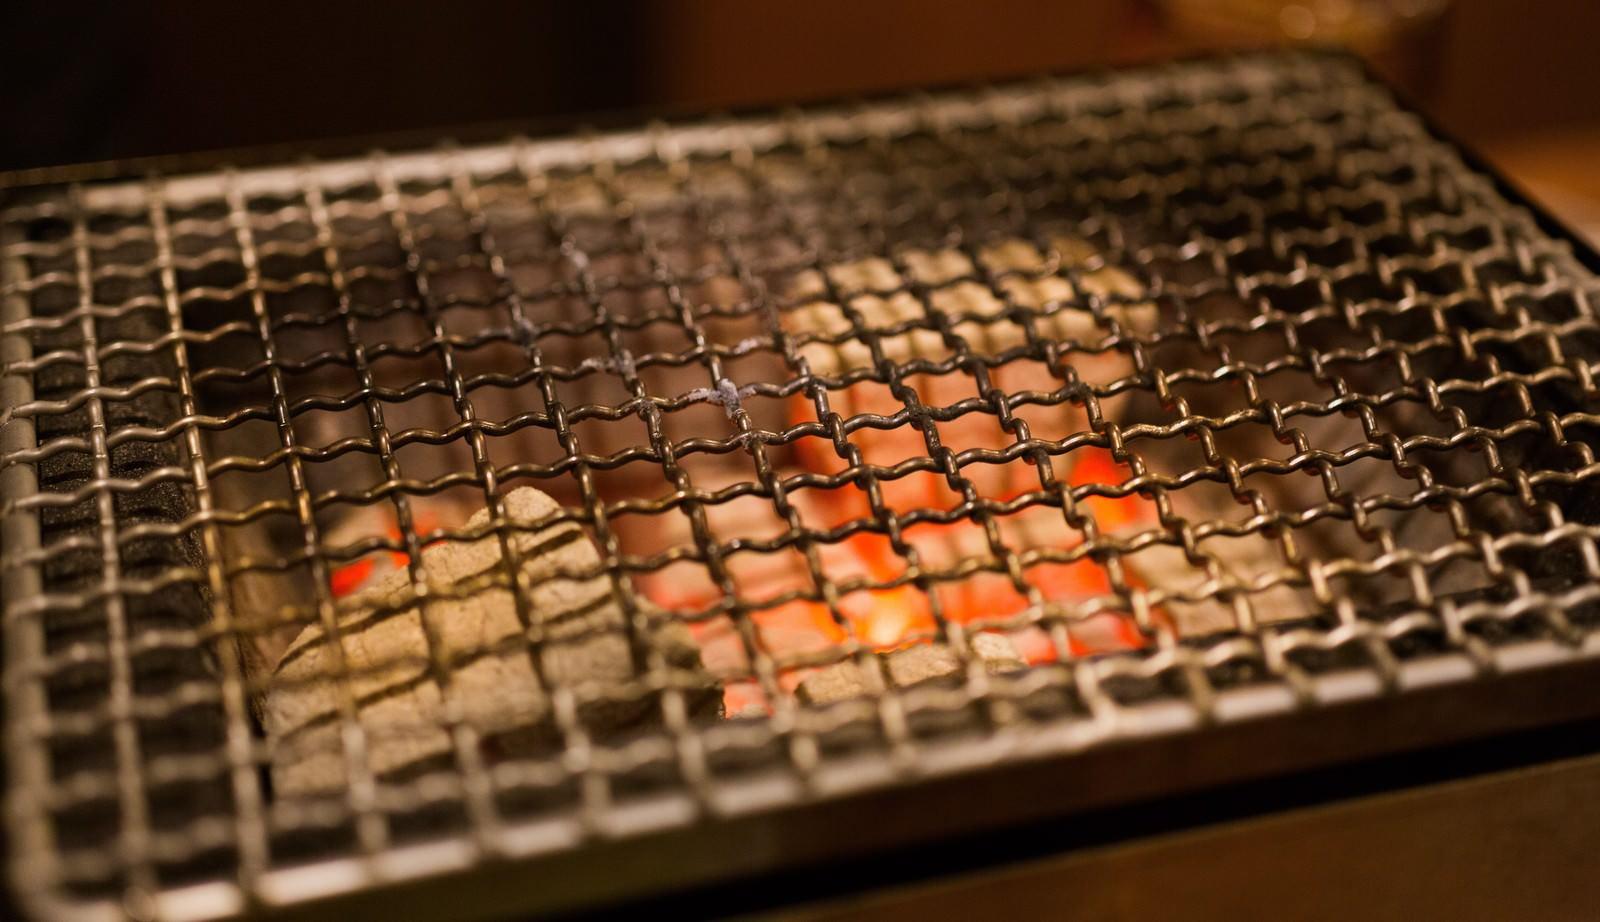 「炭火と網」の写真